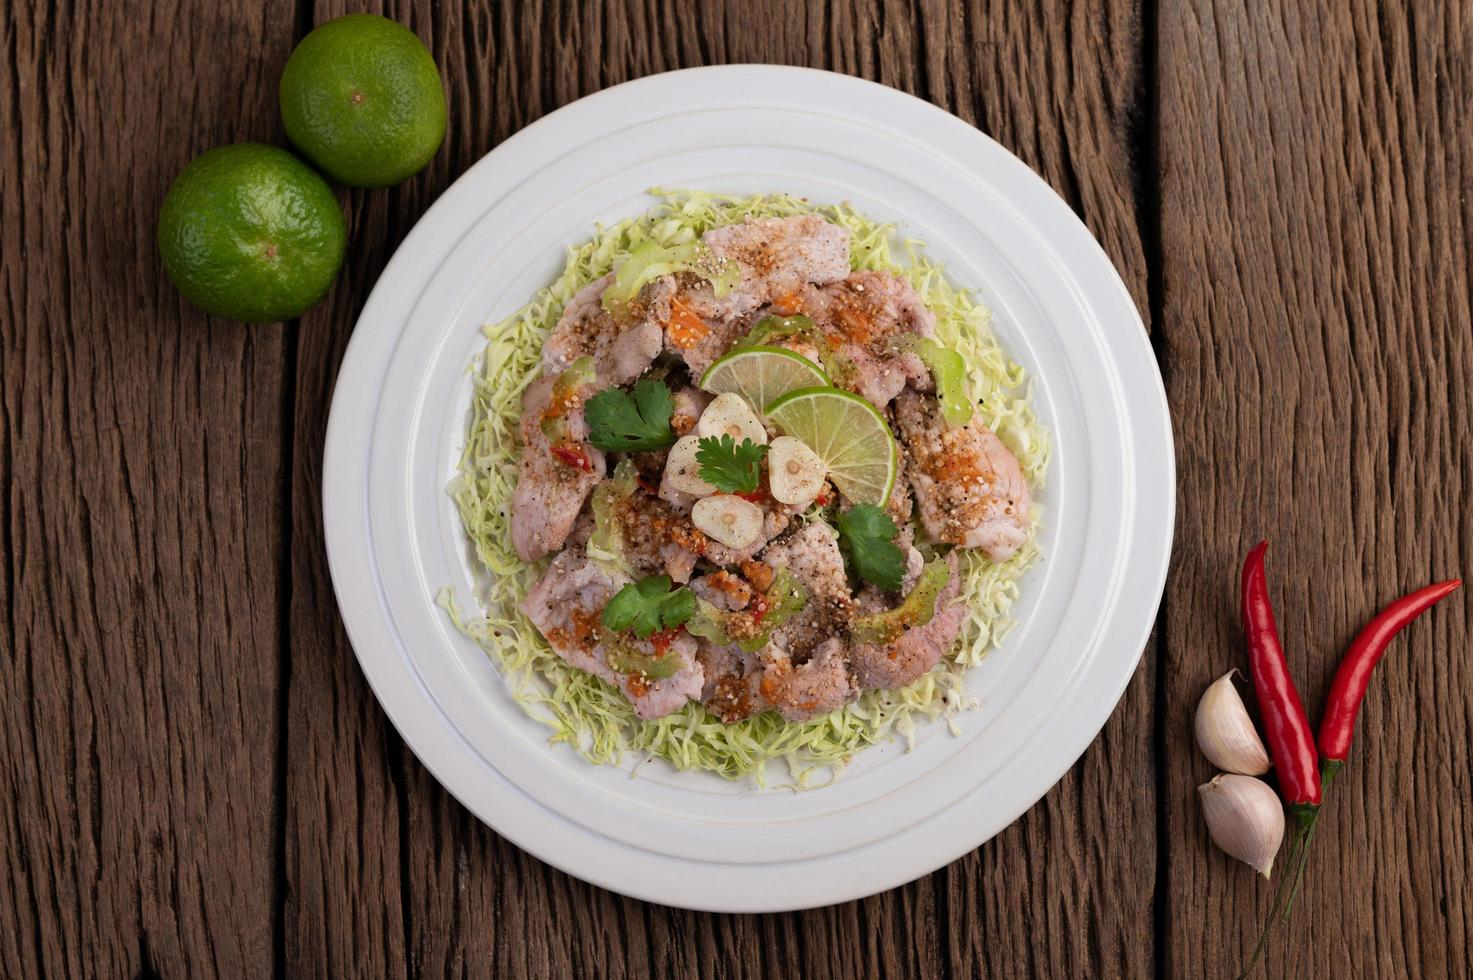 insalata di maiale piccante al lime con galanga, peperoncino e pomodori foto